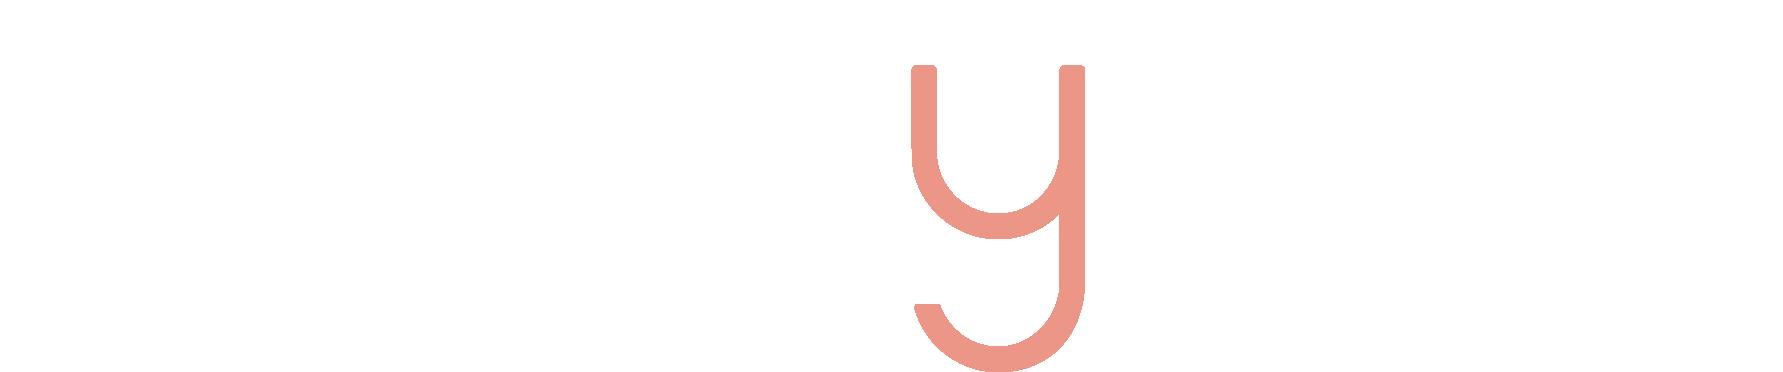 Coachycom